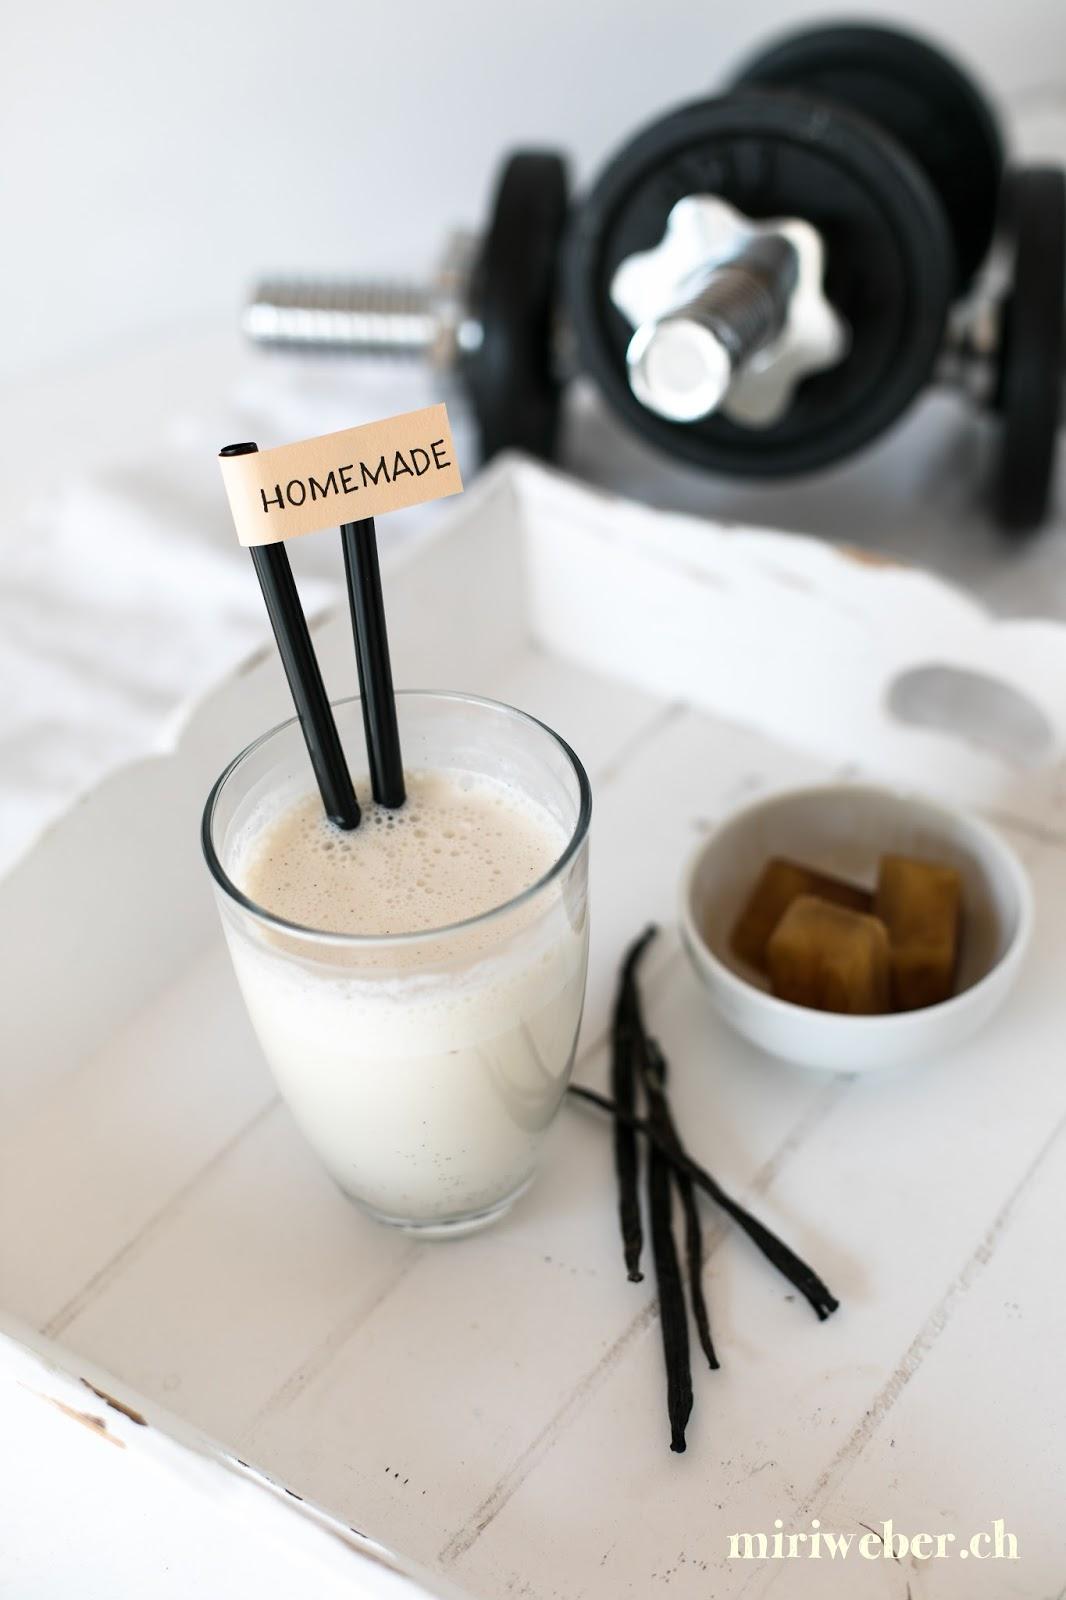 blog schweiz eiweiss shake zum selber machen das beste rezept. Black Bedroom Furniture Sets. Home Design Ideas